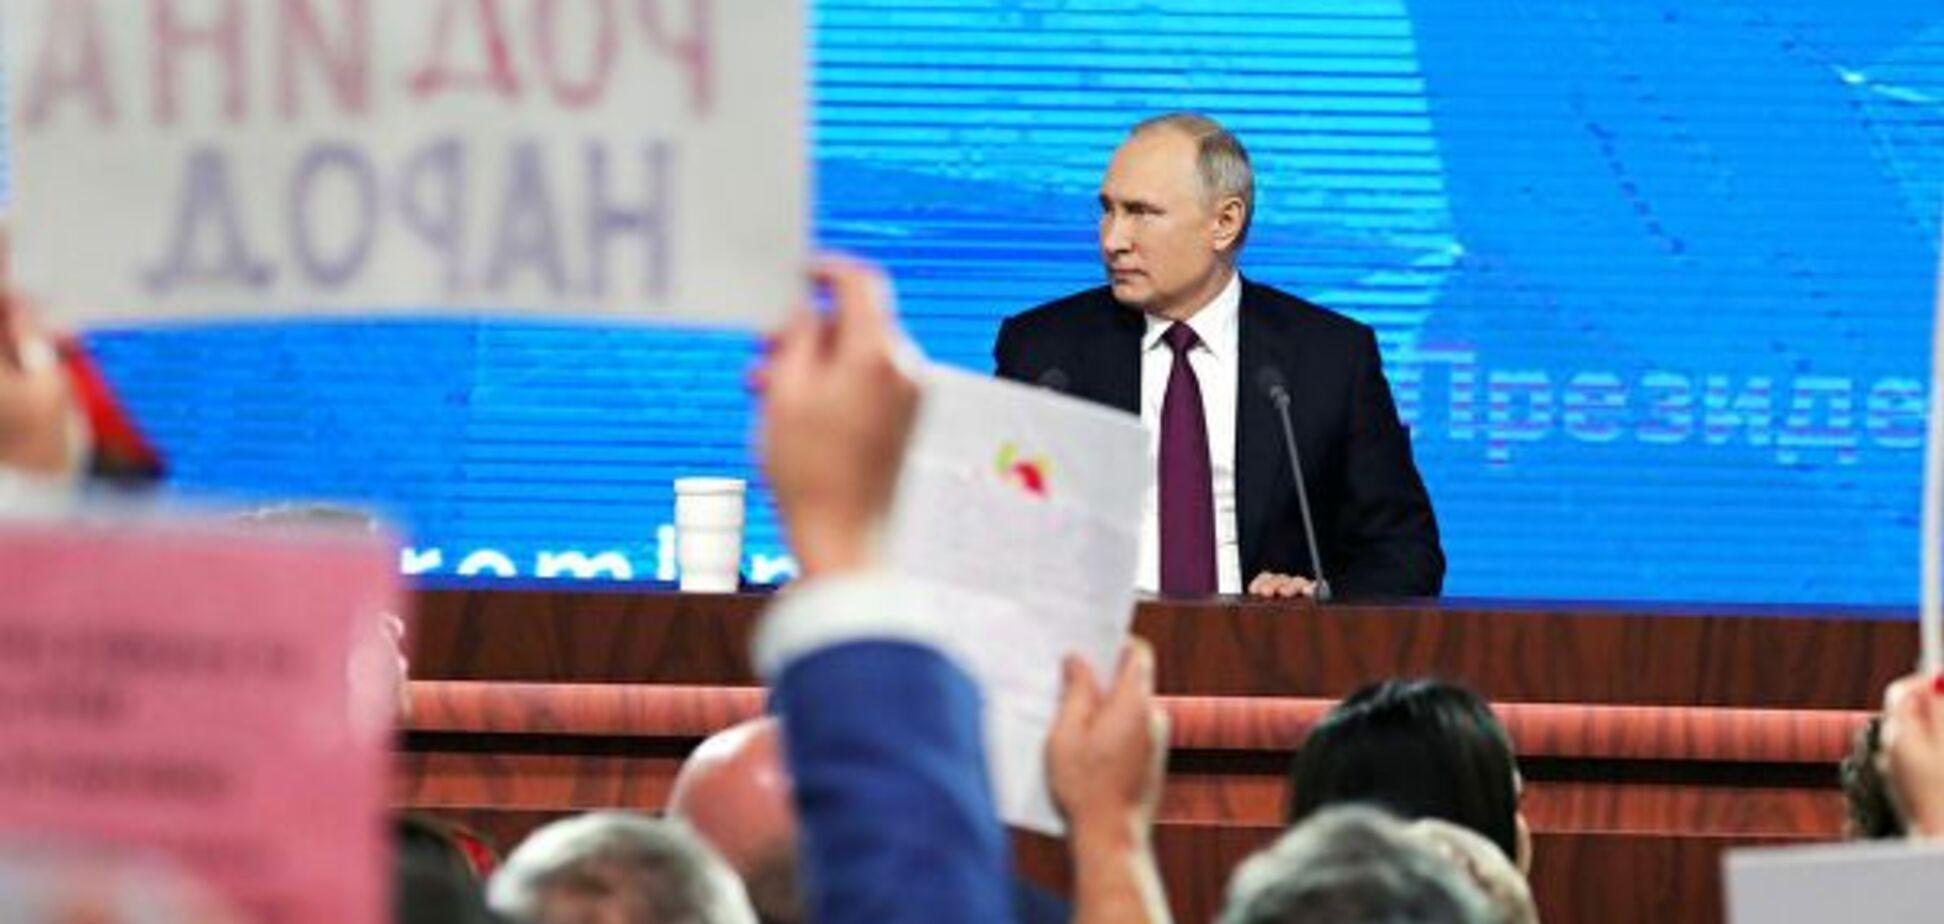 'Буде брехня!' Росіян 'підірвала' чергова пресконференція Путіна. Відео